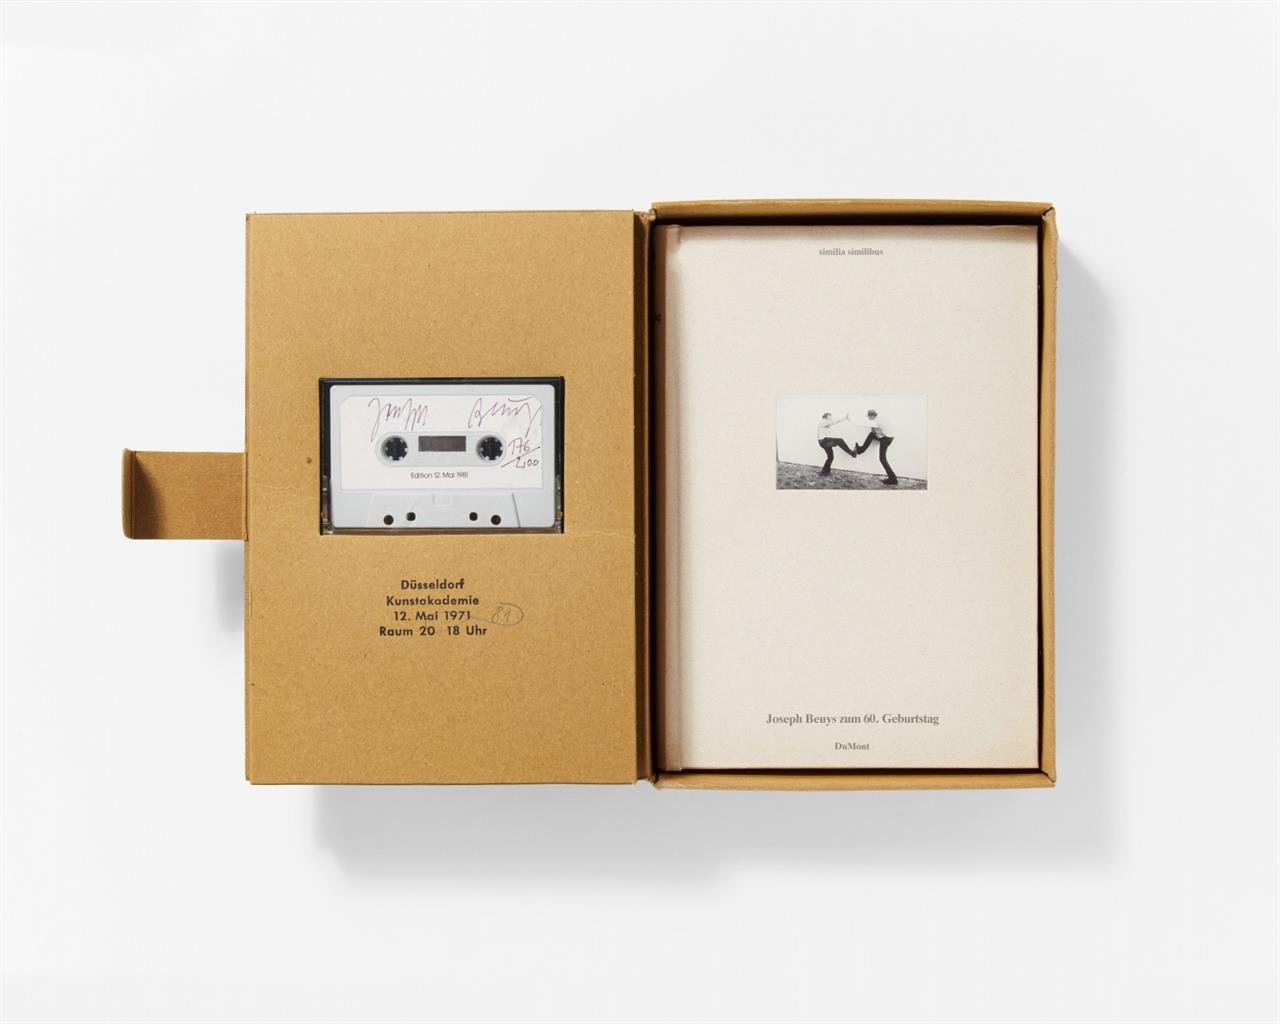 Joseph Beuys / Hrsg. J. Stüttgen. Joseph Beuys zum 60. Geburtstag. similia similibus. 1 Bd., mit Tonkassette in OrPappkassette. Signiert. Ex. 176/200. Sch. 380.